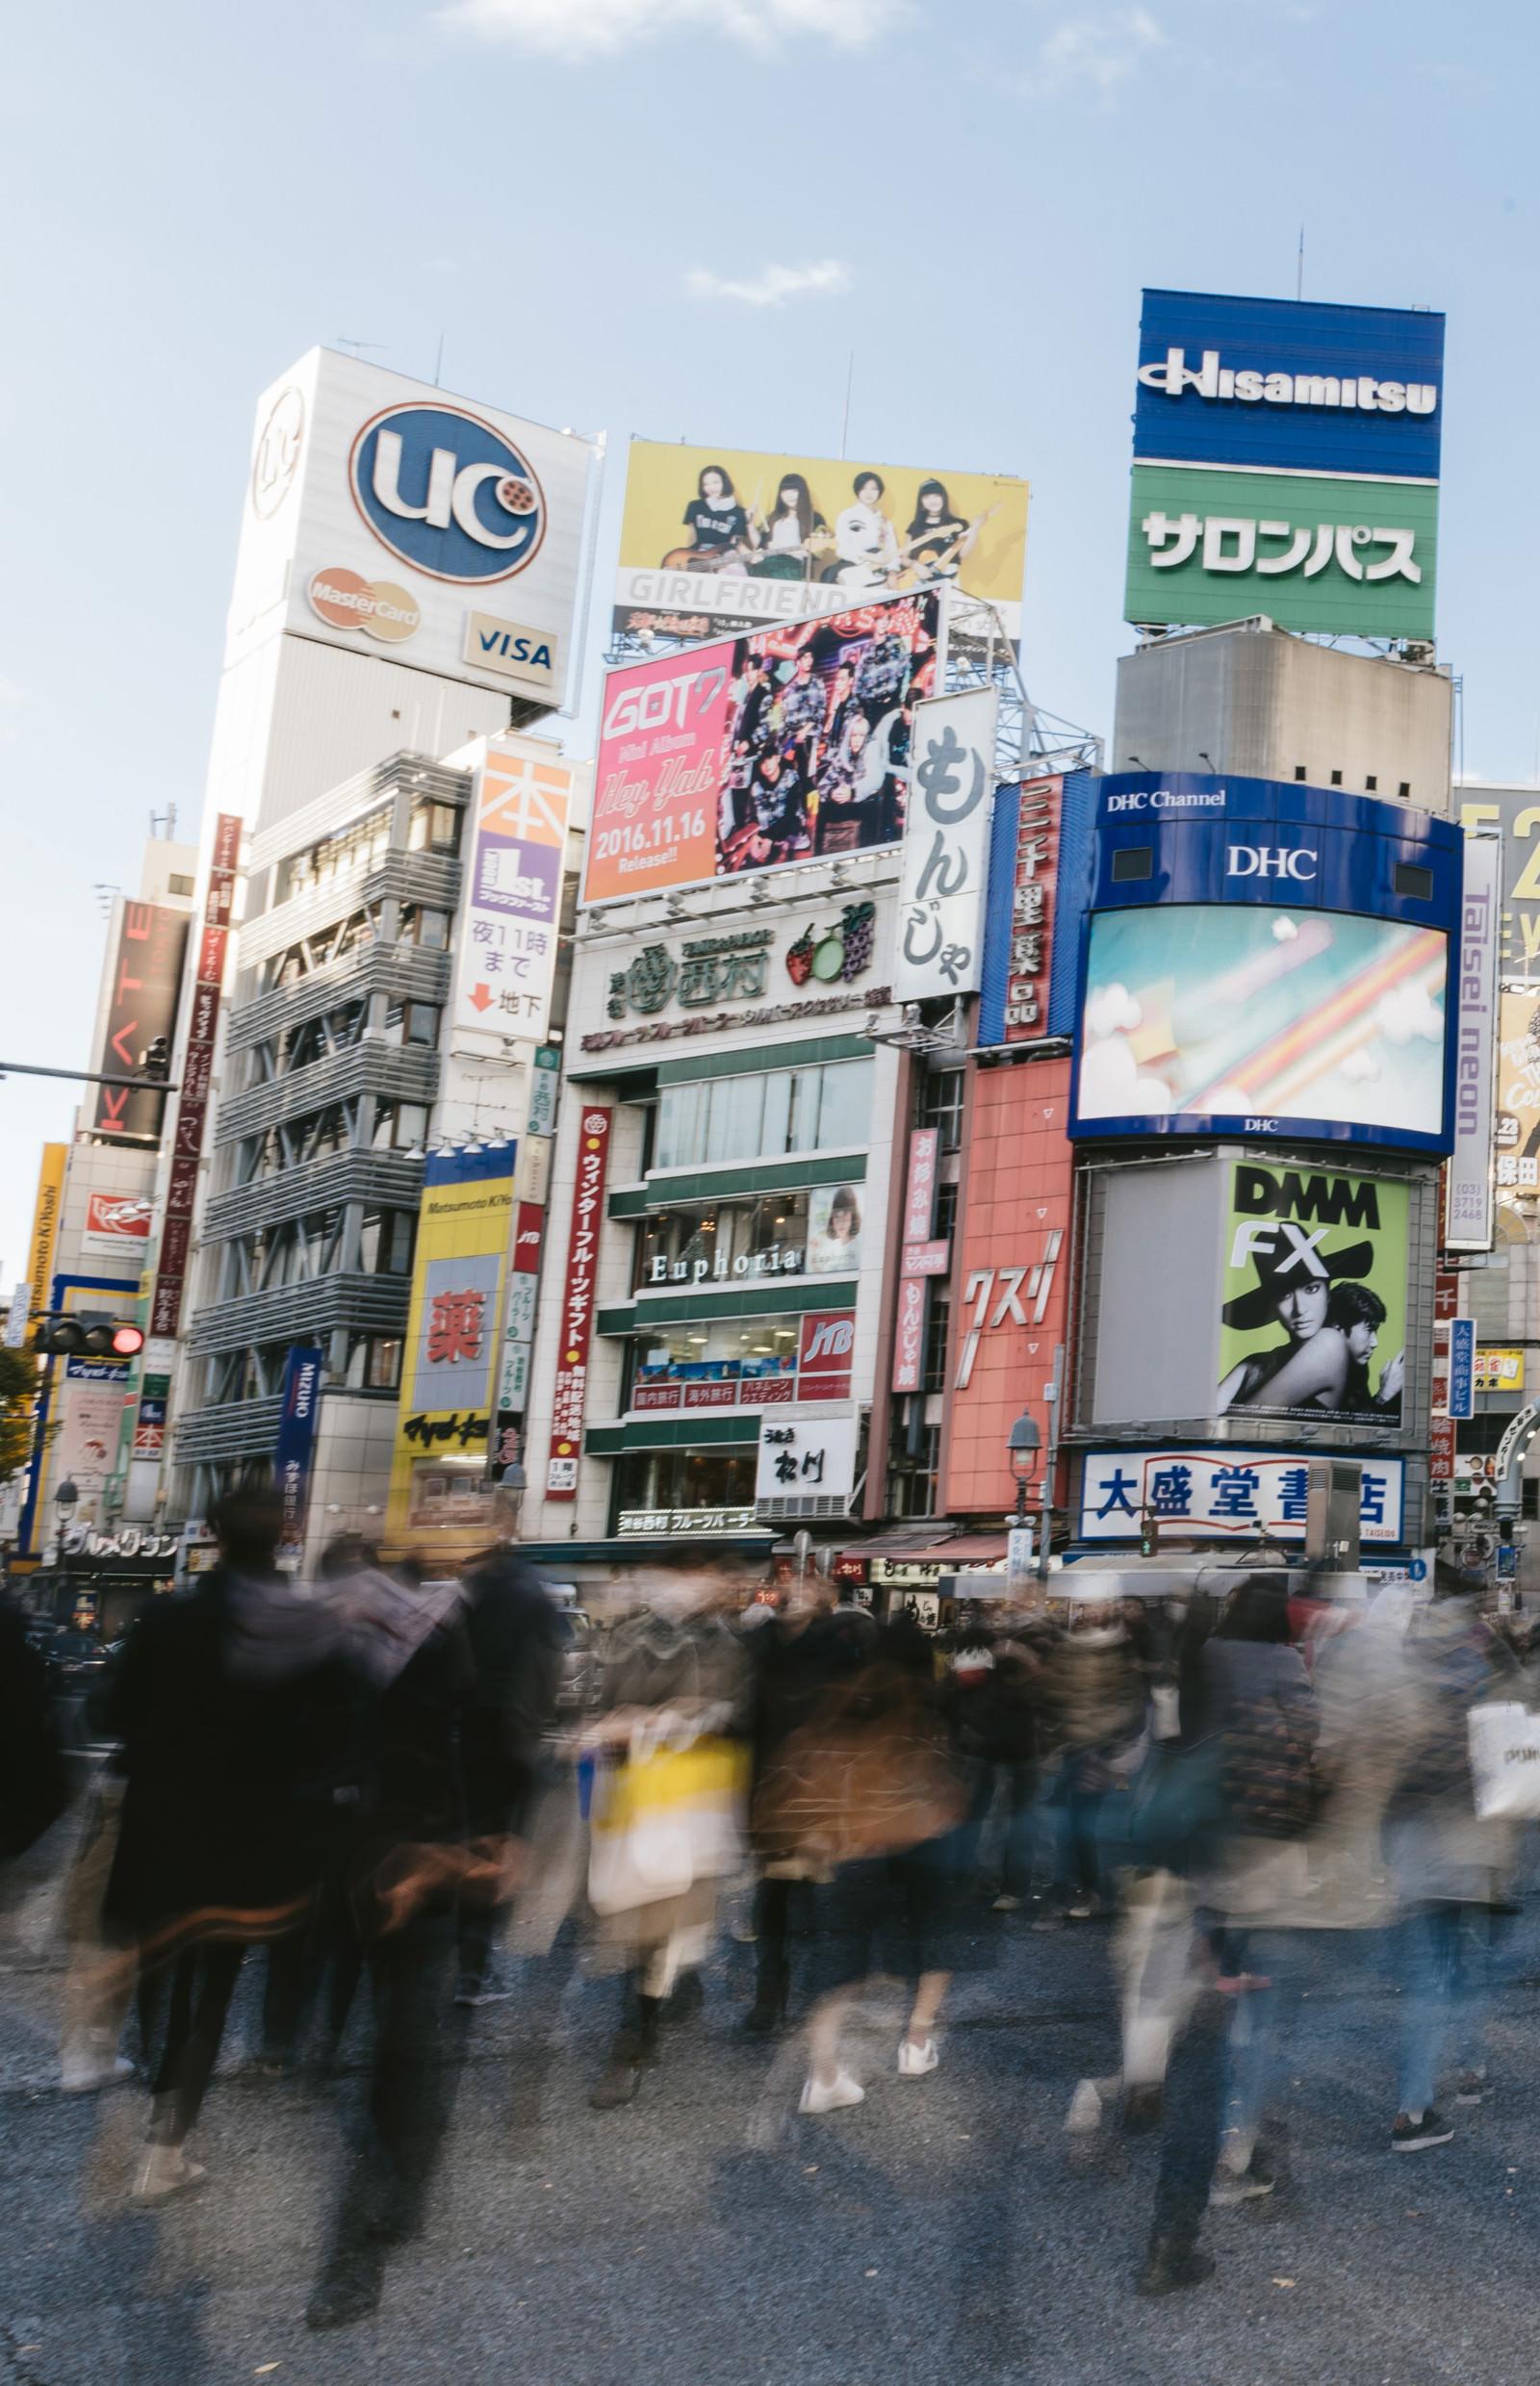 「渋谷スクランブル交差点でナマステ渋谷スクランブル交差点でナマステ」[モデル:カルロス]のフリー写真素材を拡大